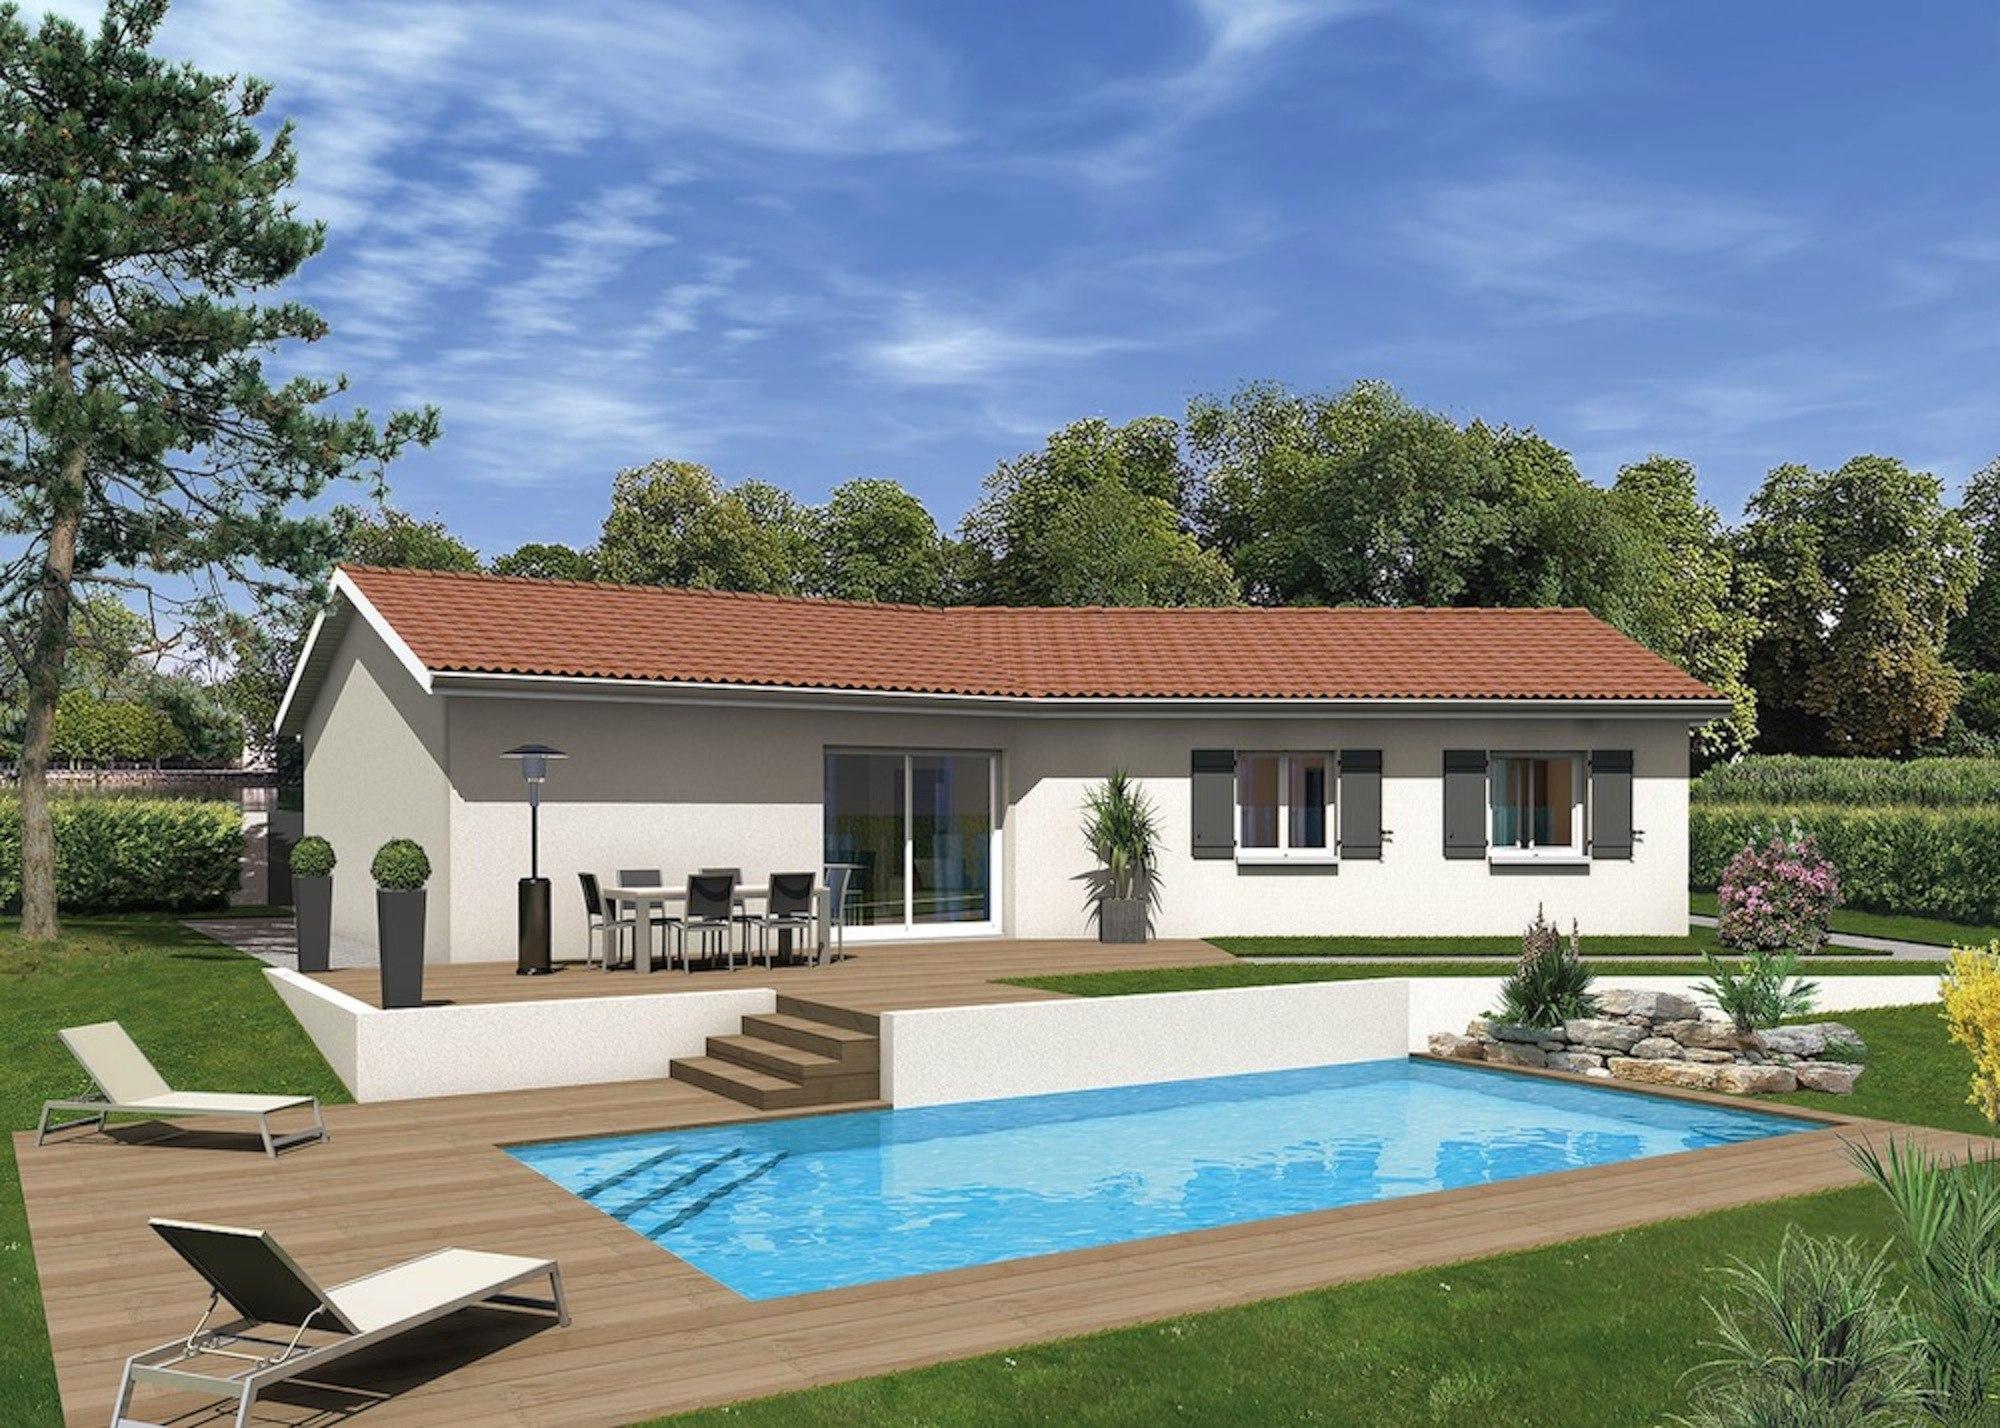 Maisons + Terrains du constructeur MAISONS PUNCH ST ETIENNE • 96 m² • SAINT BARTHELEMY LESTRA